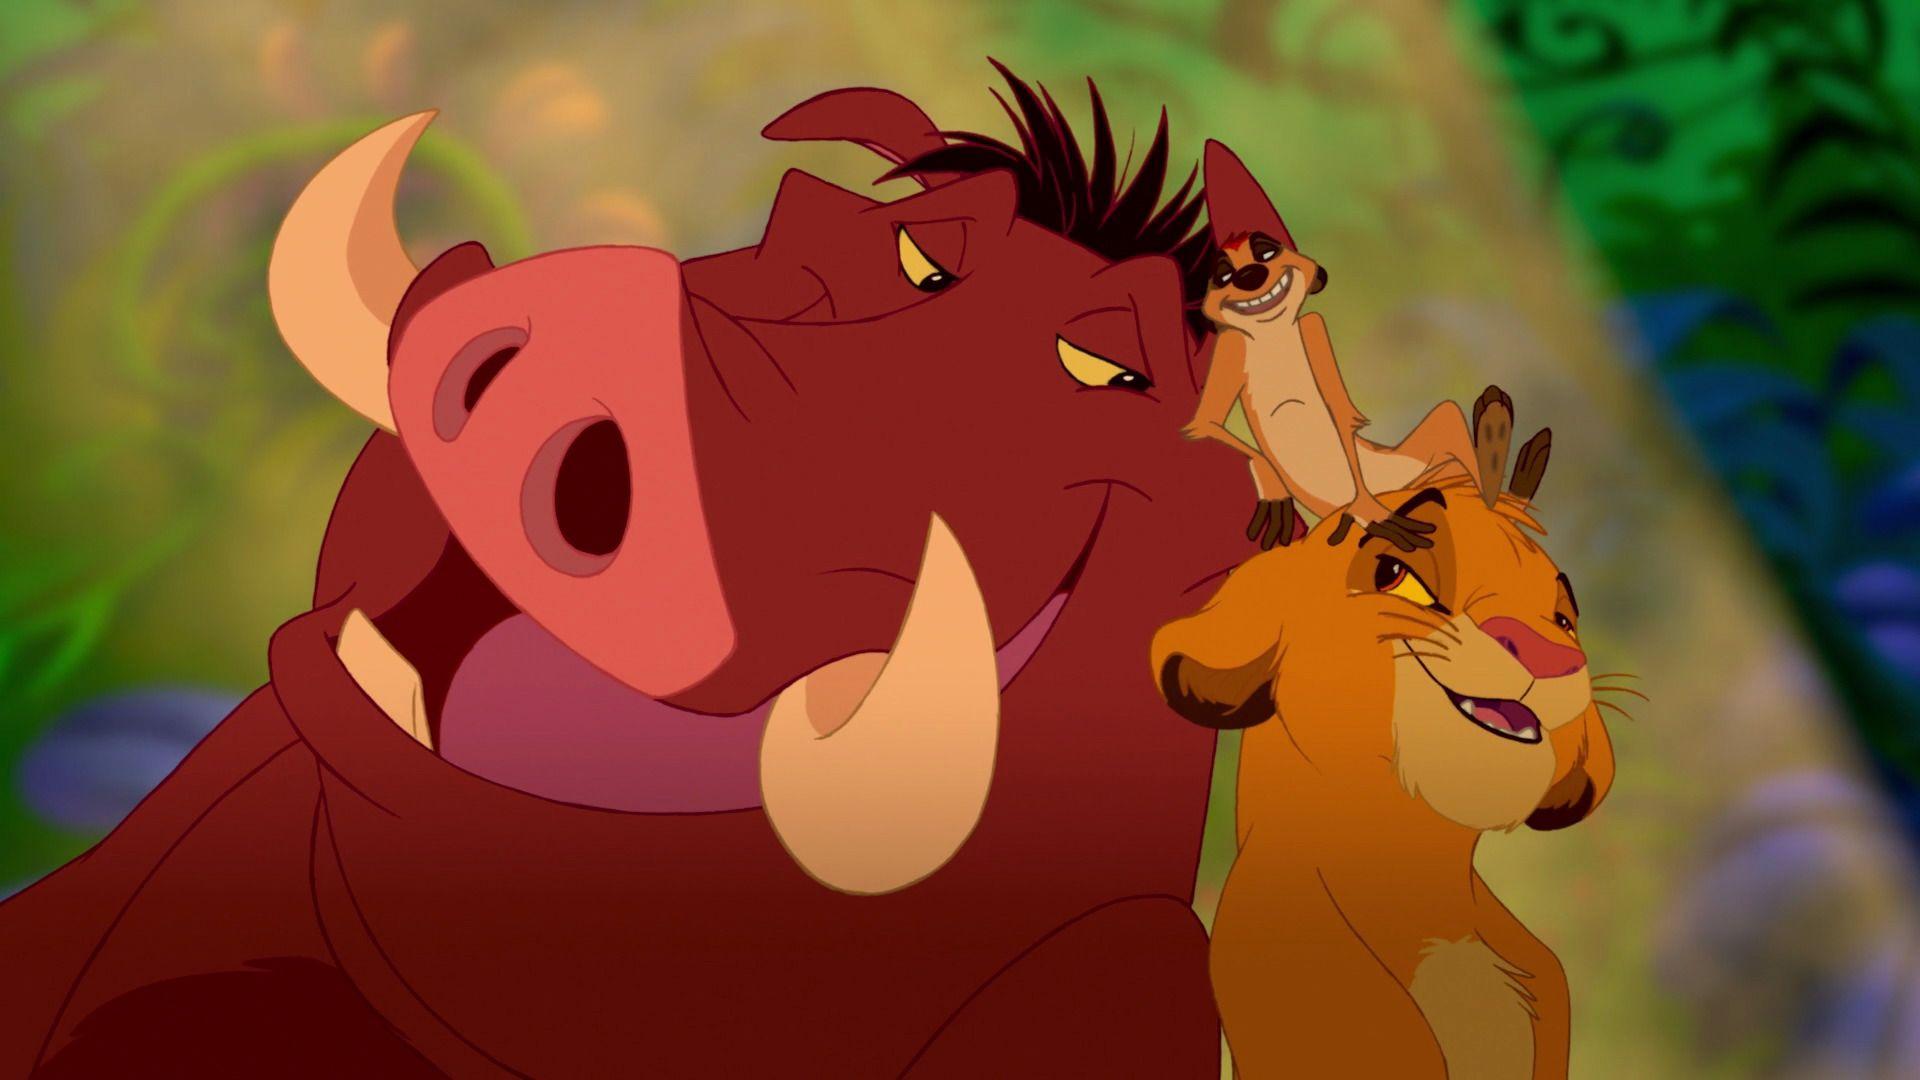 The Lion King 1994 Lion King Songs The Lion King 1994 Disney Songs